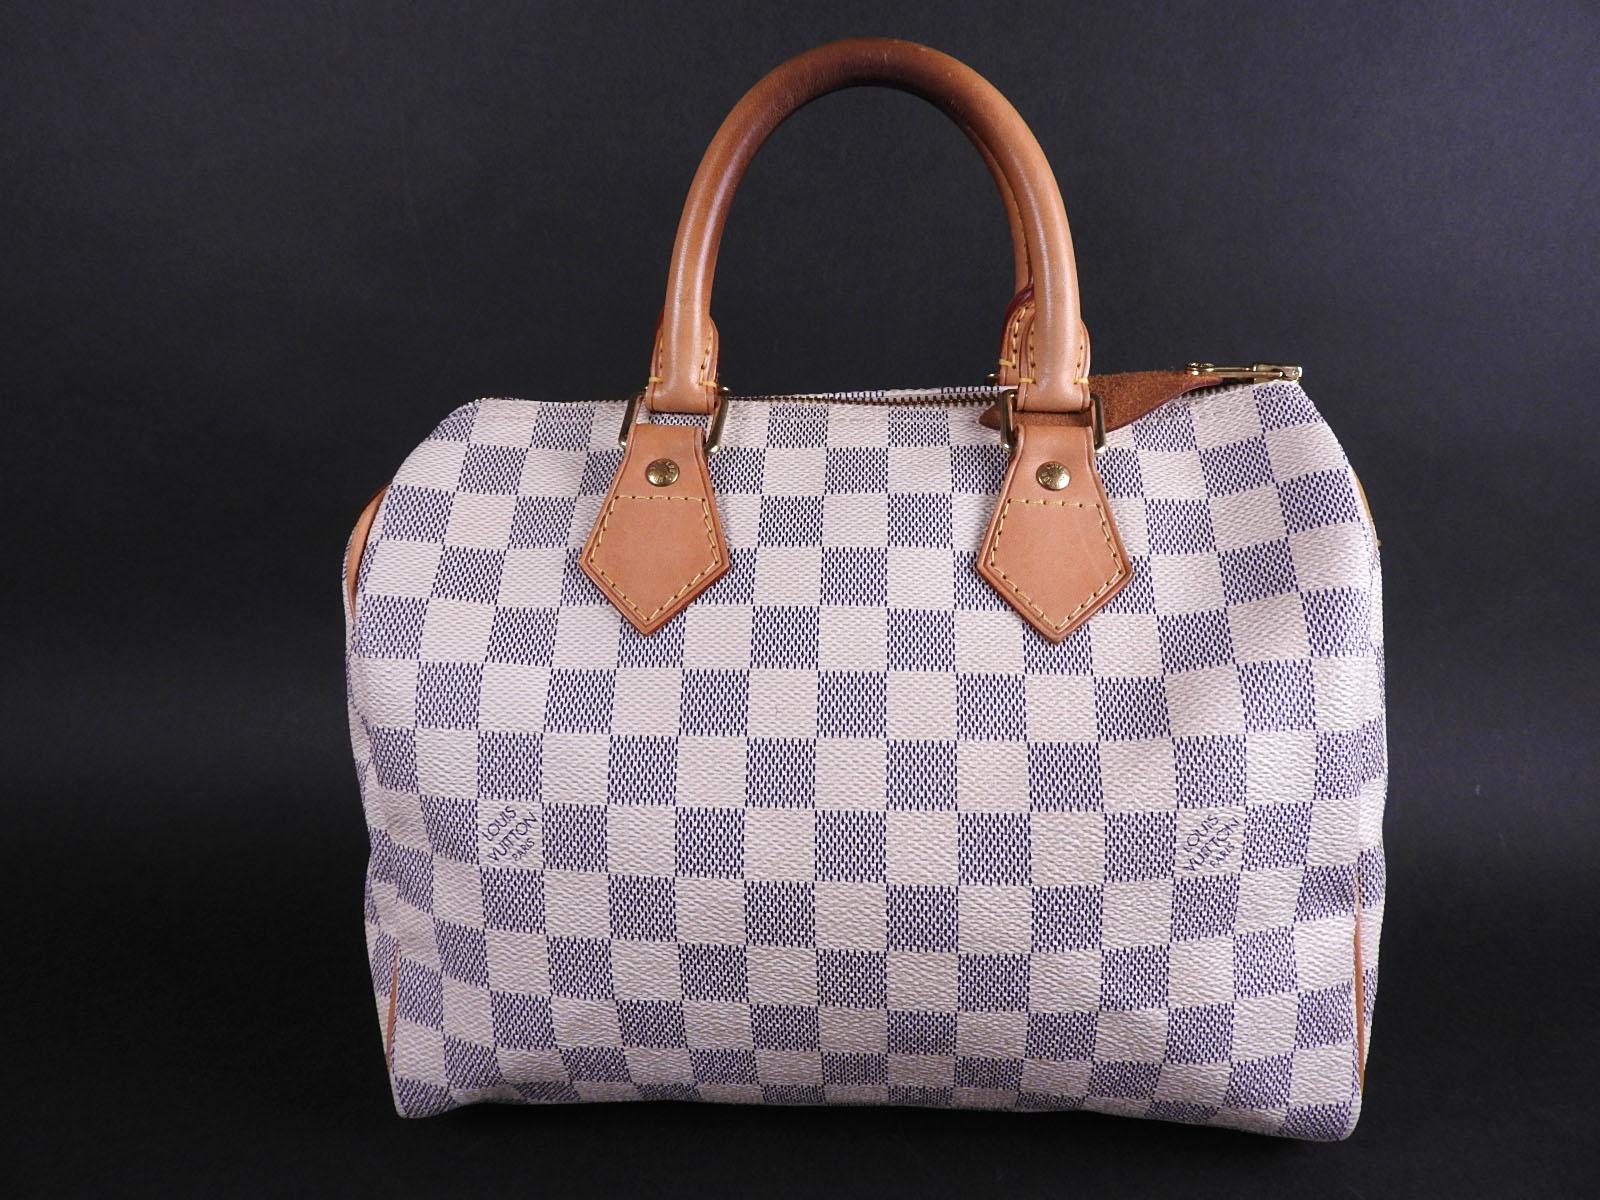 241051fef376 Details about Authentic LOUIS VUITTON Speedy 25 Damier Azur Hand Bag Boston  Bag N41534 A-9246